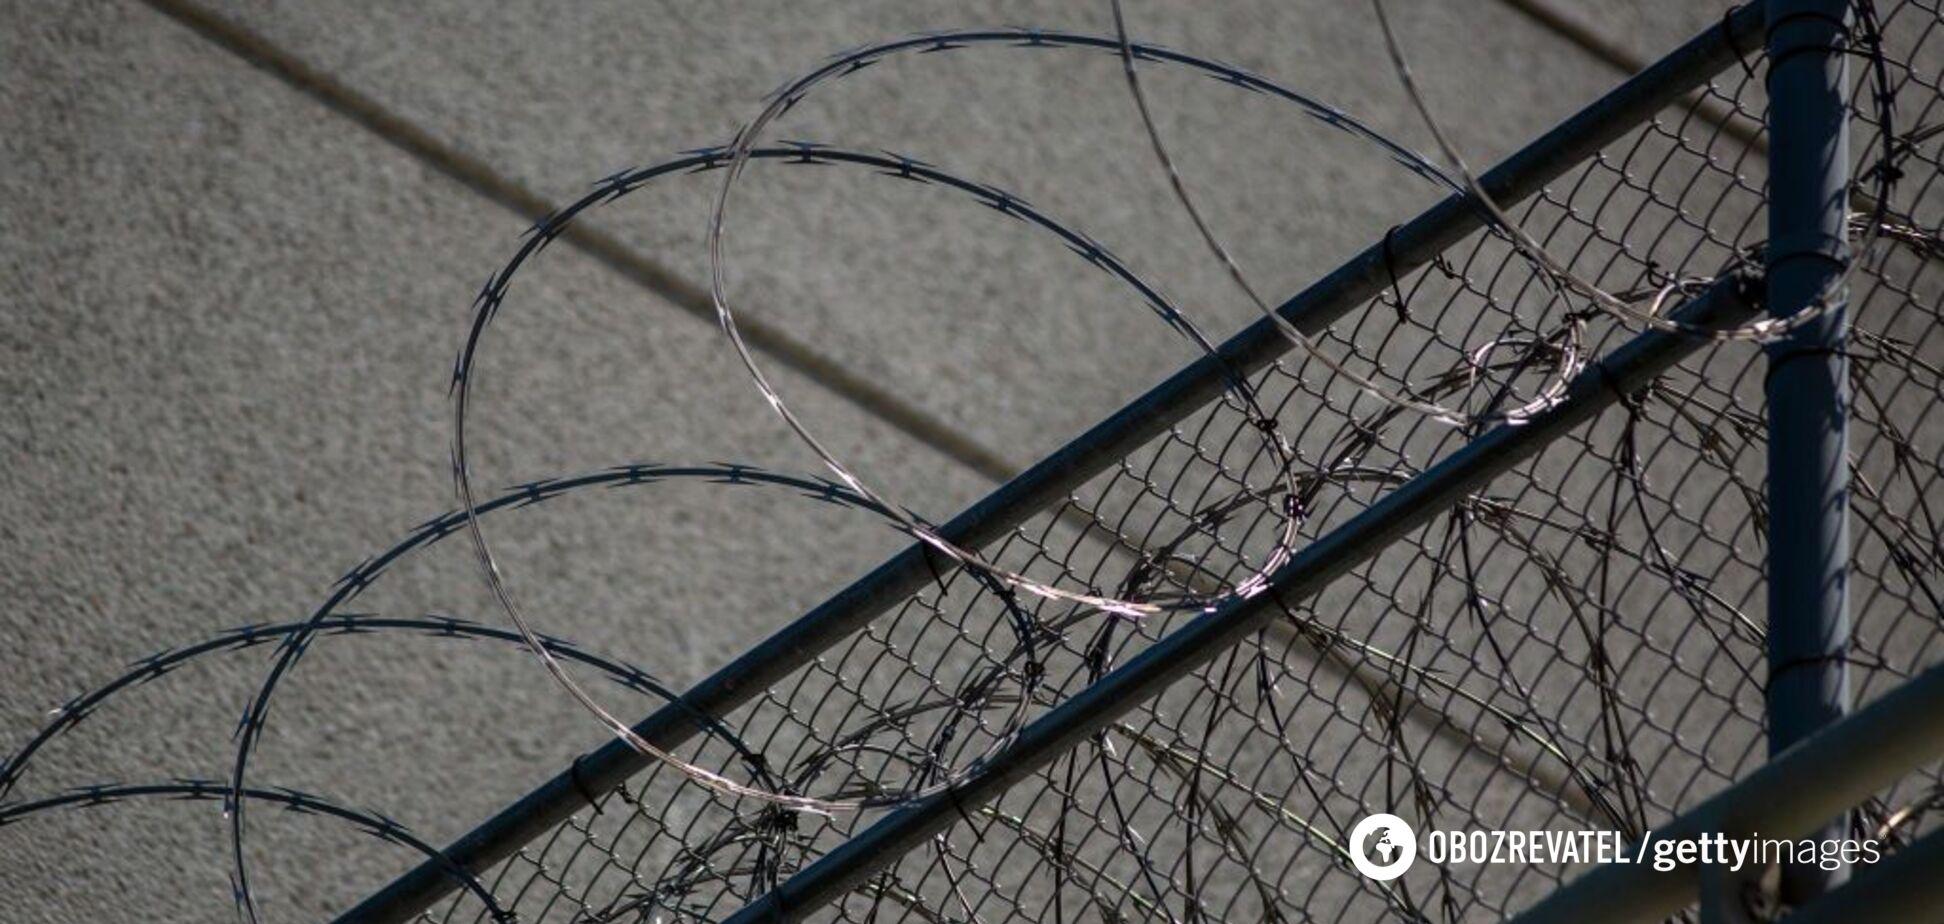 Із в'язниці втекли ув'язнені, але повернулися назад з пляшкою віскі